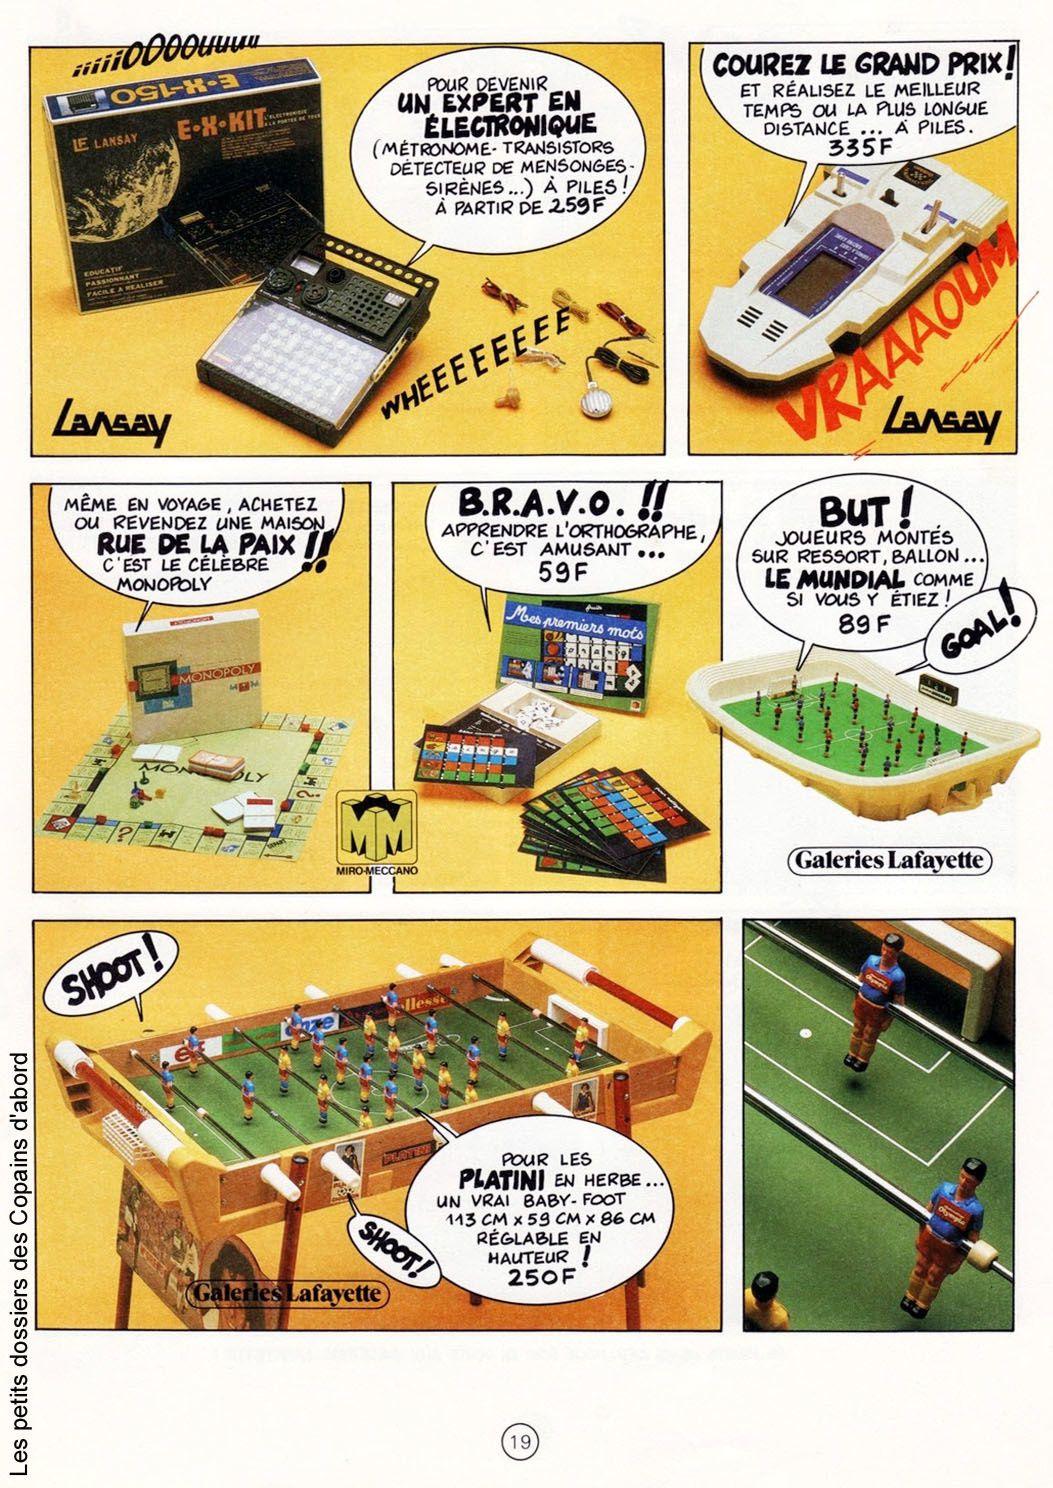 Le catalogue de jouets des Galeries Lafayette de 1981 par Nath-Didile